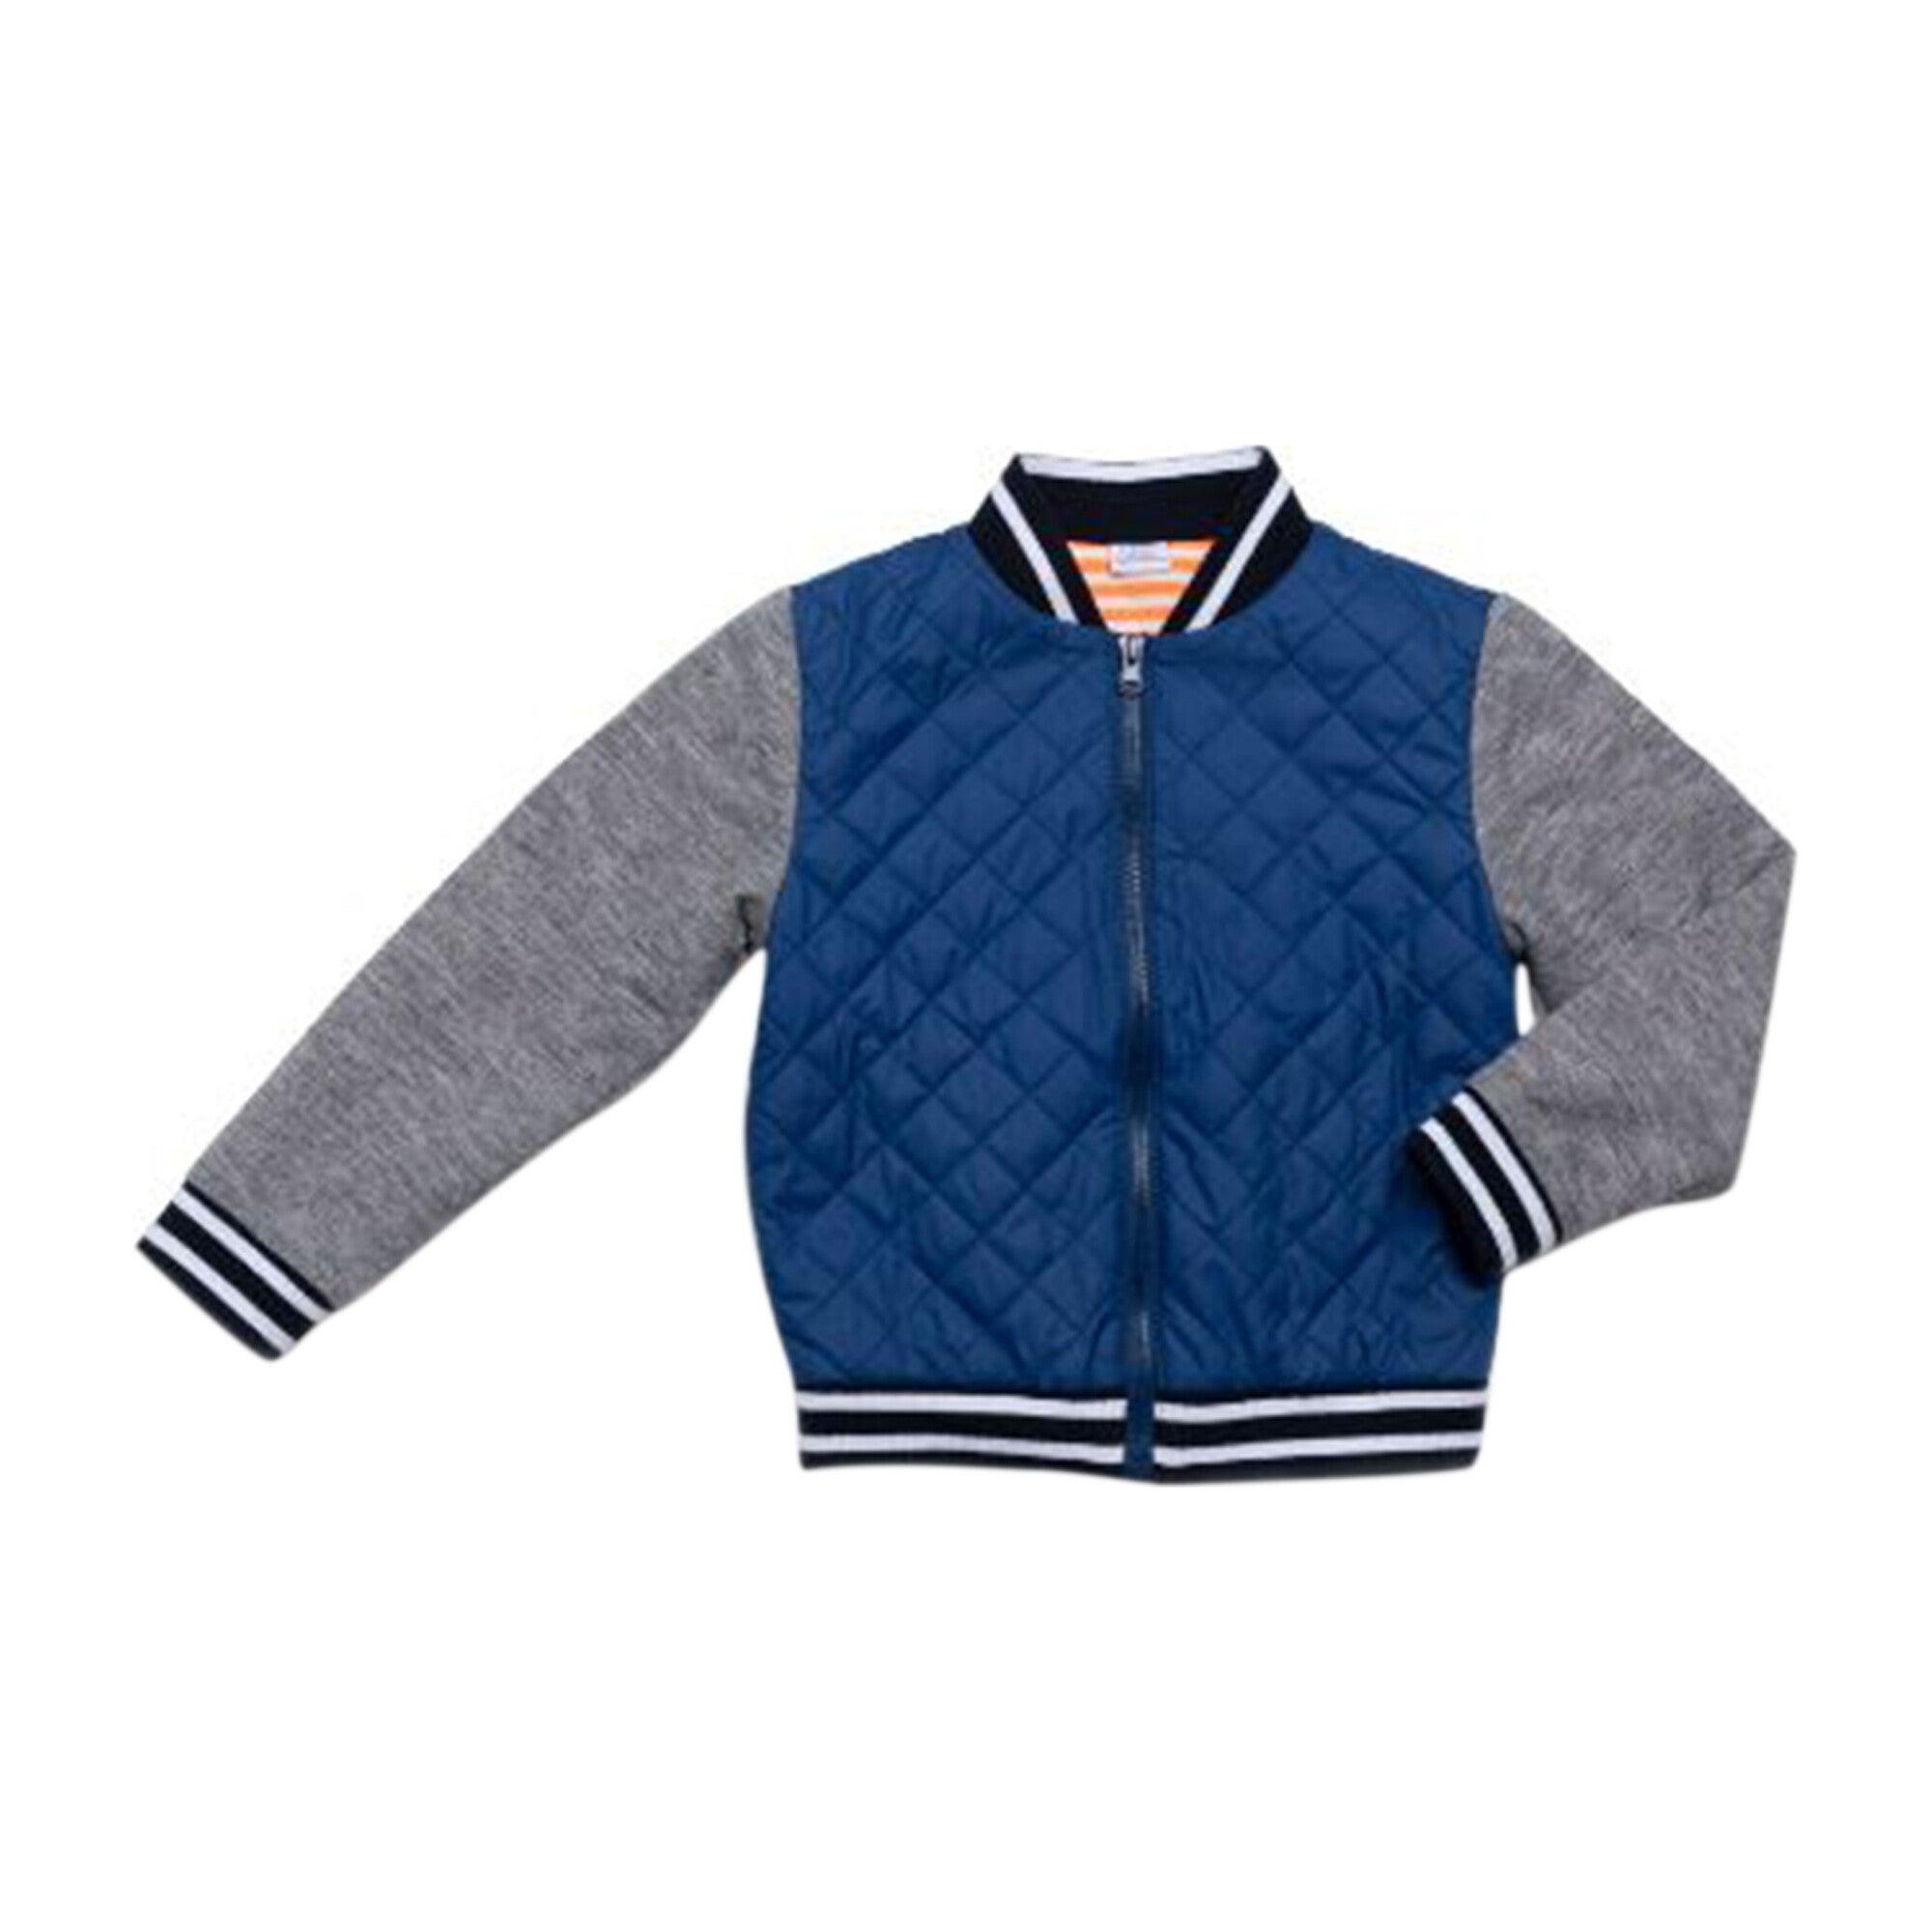 Apollo Jacket, Blue